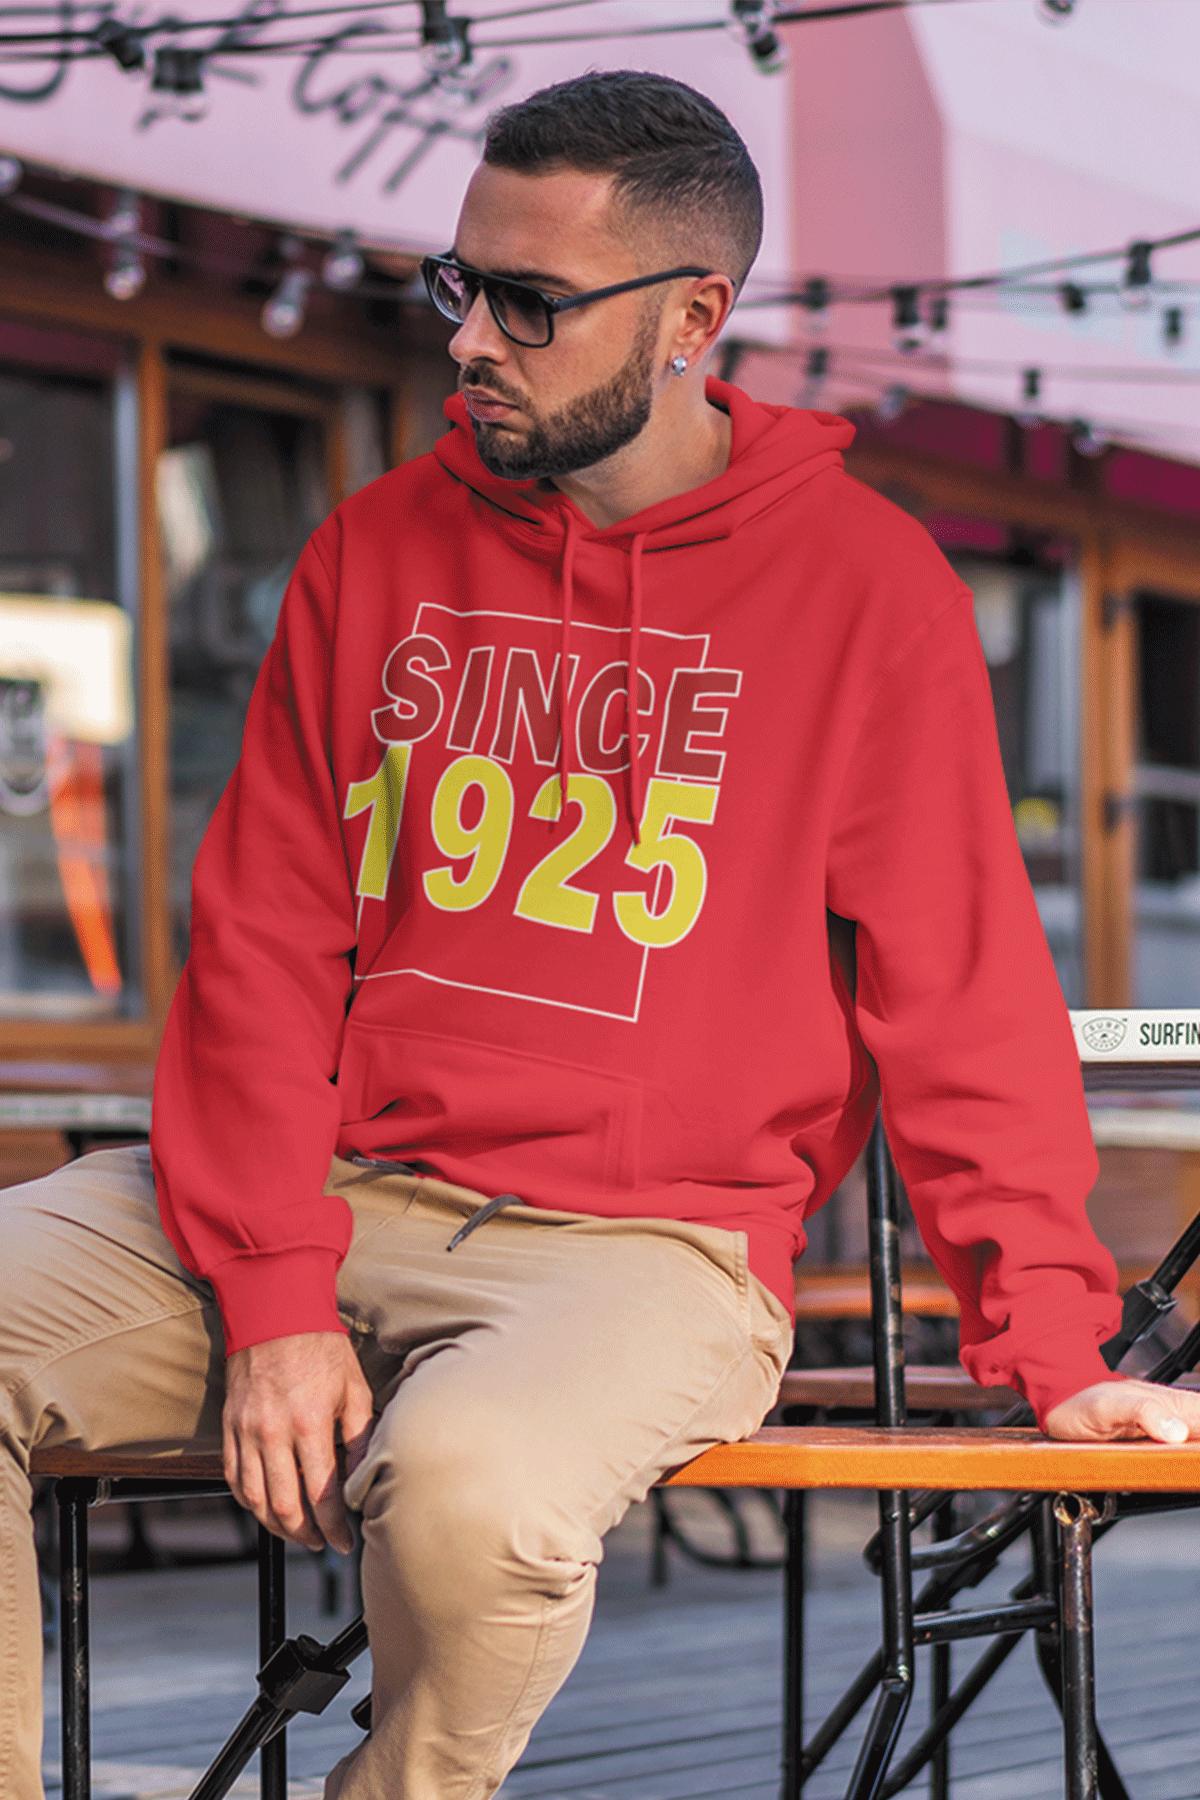 Since 1925 Kırmızı Erkek Kapşonlu Sweatshirt - Hoodie